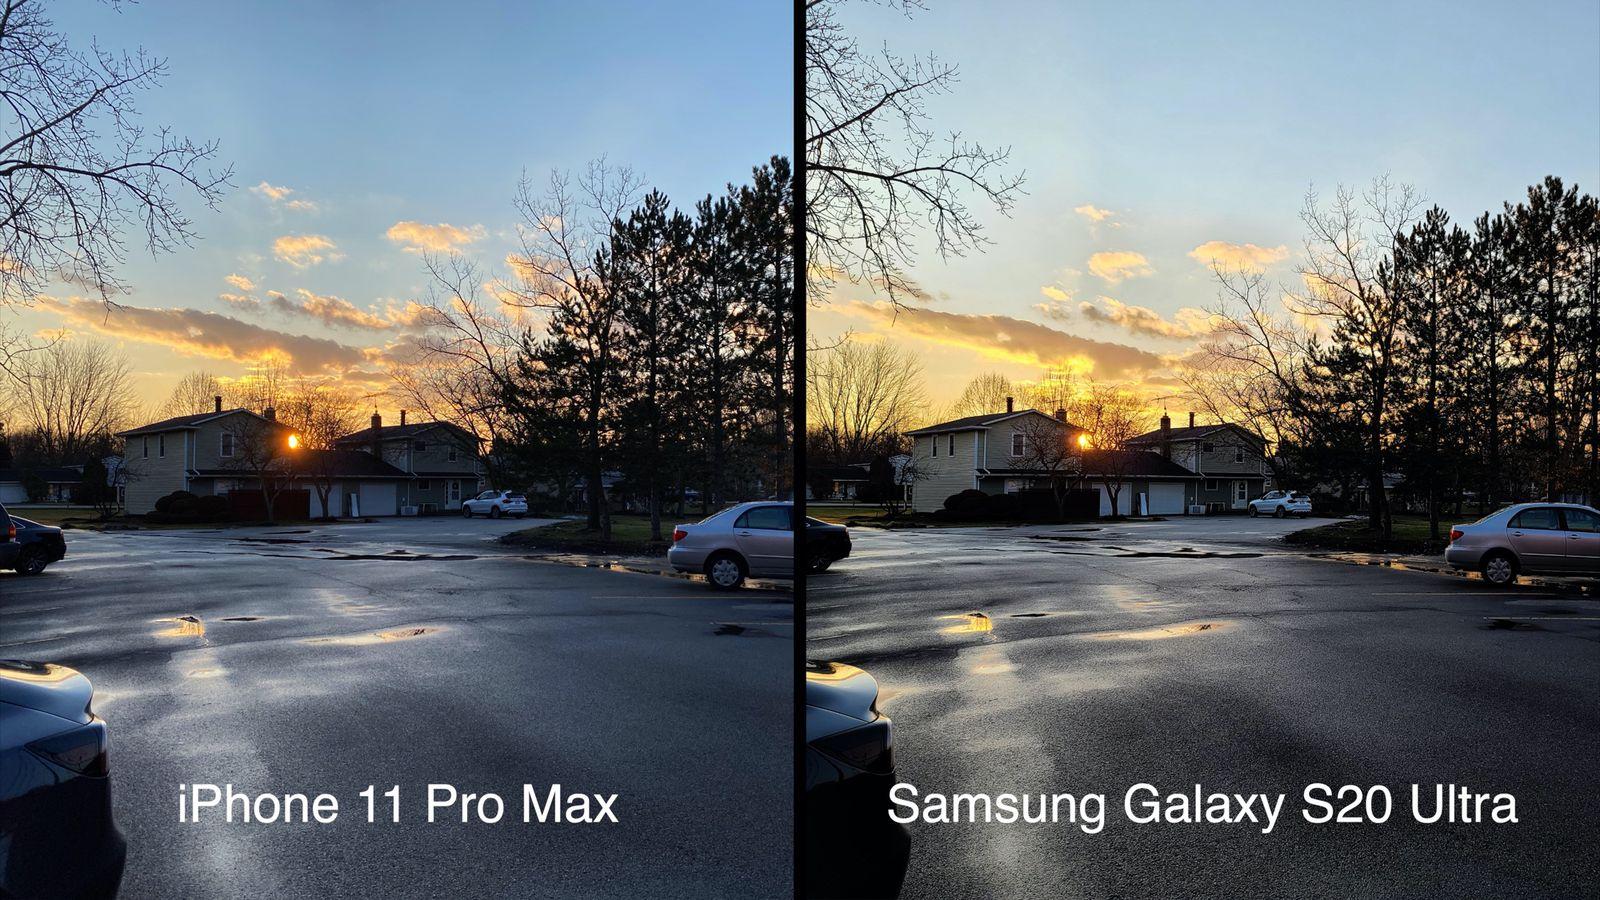 Camera Comparison Iphone 11 Pro Max Vs Samsung Galaxy S20 Ultra Macrumors